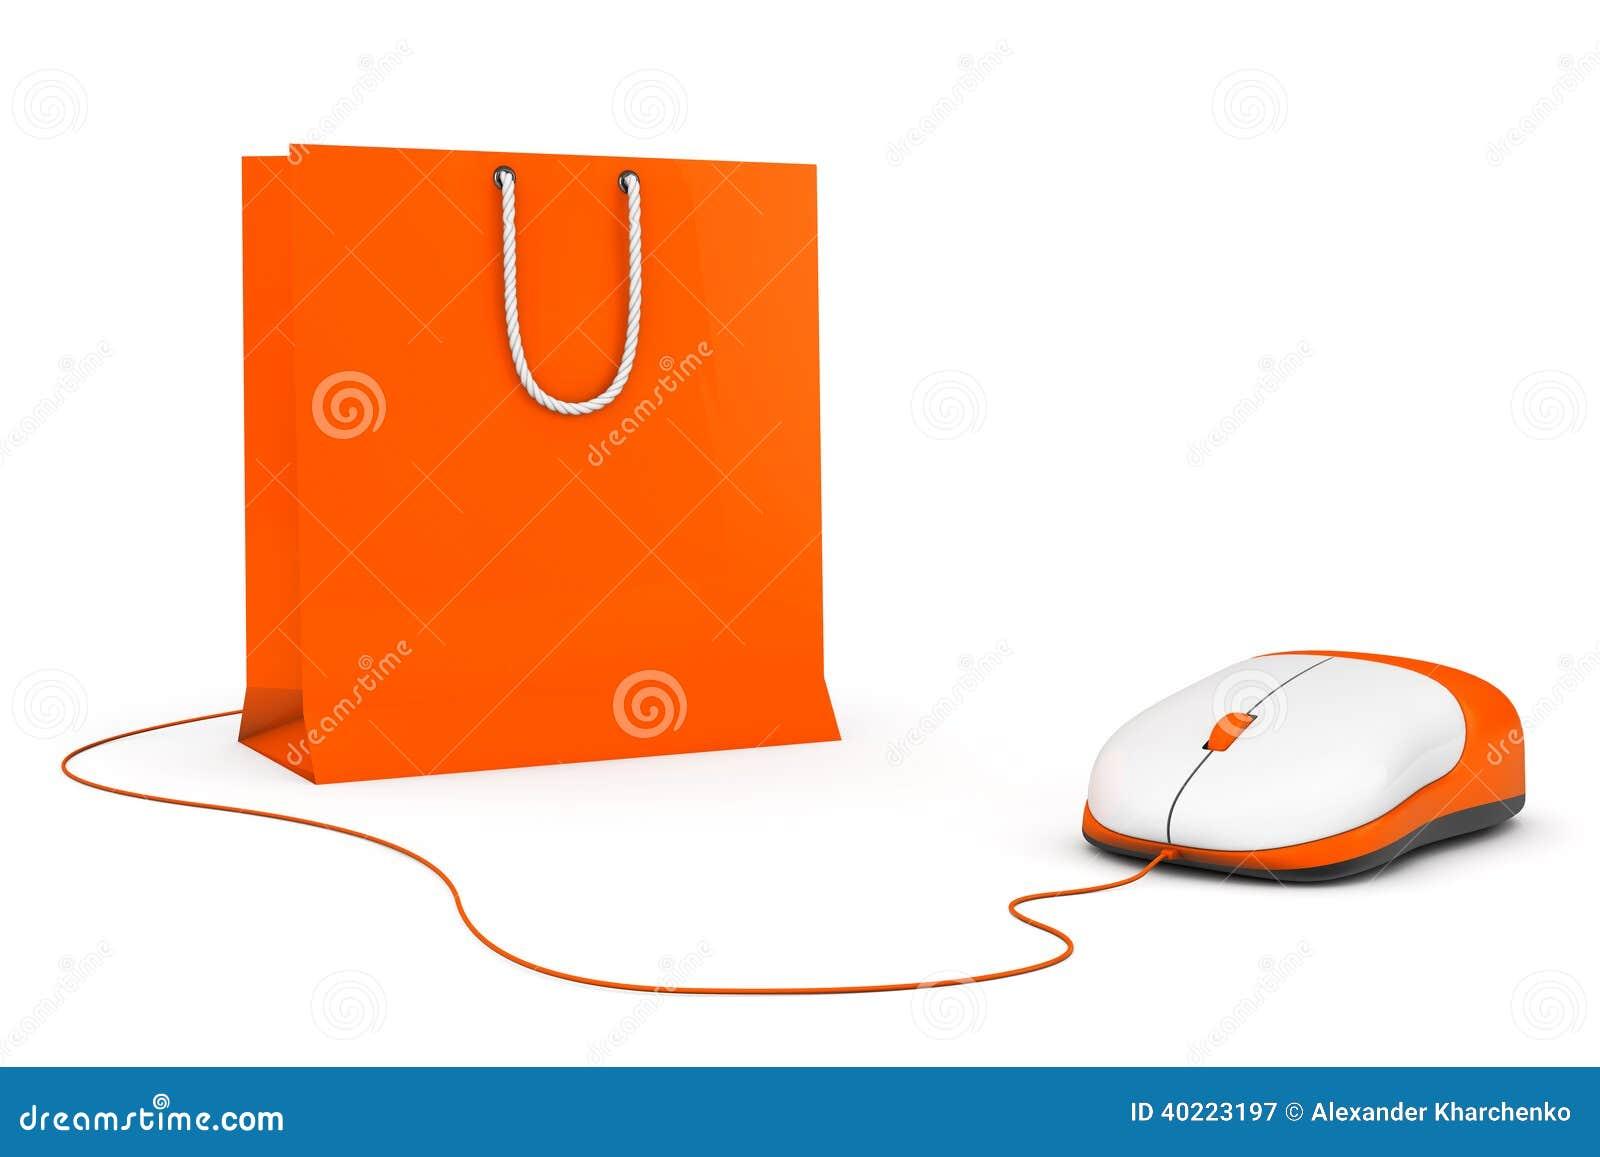 online-shopping-concept-shopping-bag-com